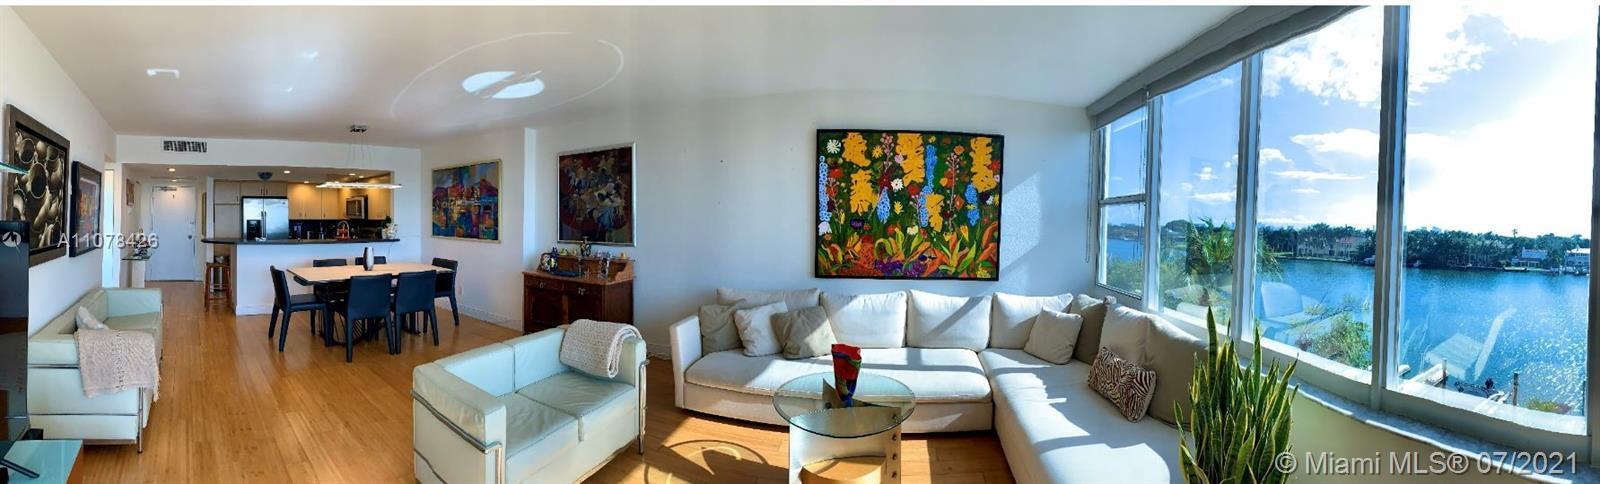 Gorgeous 2BD/2BA corner unit Condo on Millionaire Row – Miami Beach w/ breathtaking water views. PET